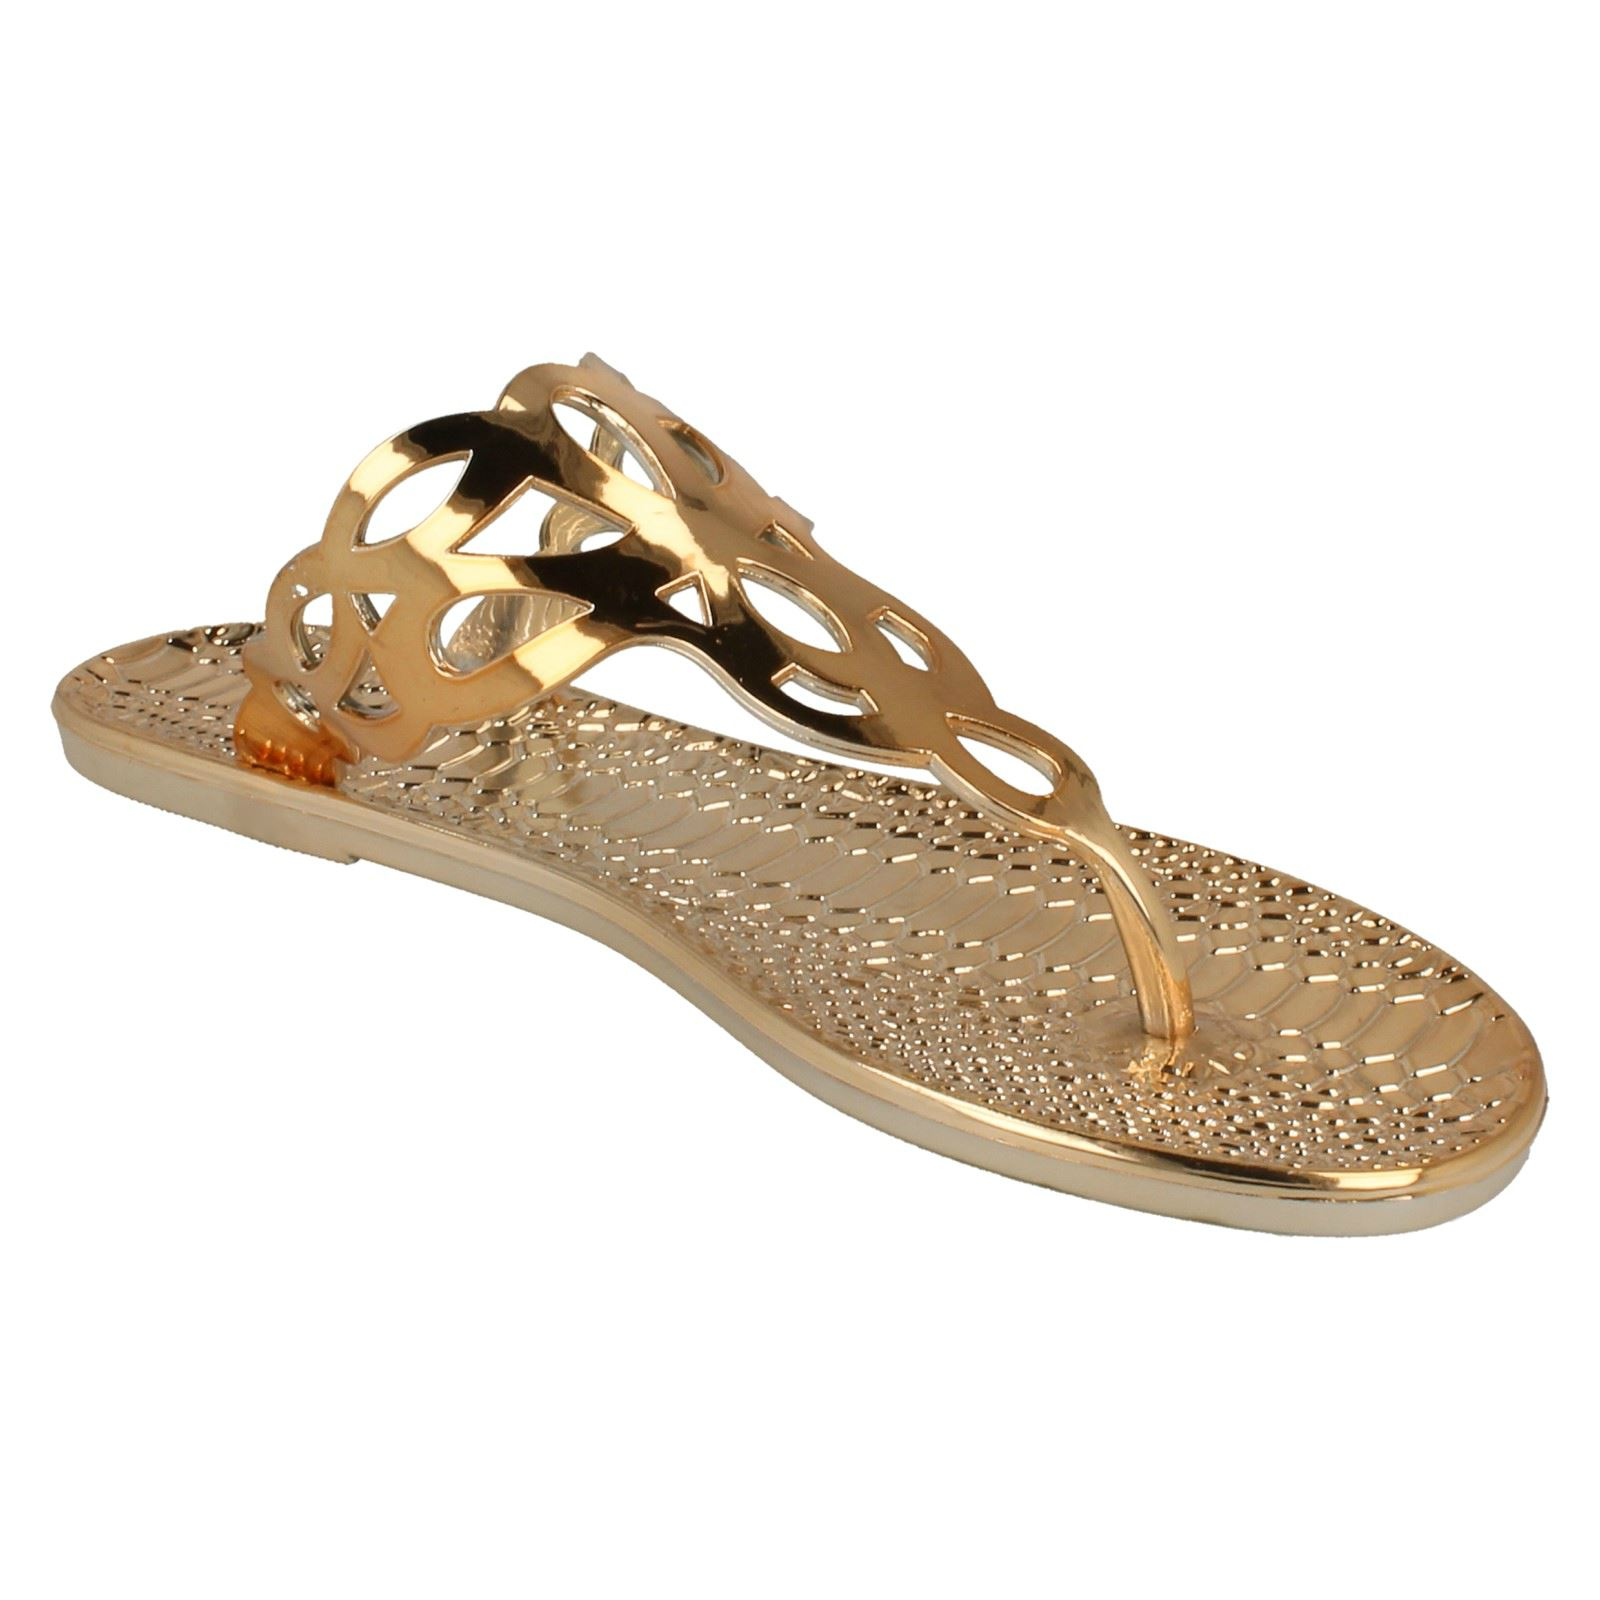 Femmes Spot on Plat Toepost Crocodile Pattern Sandale